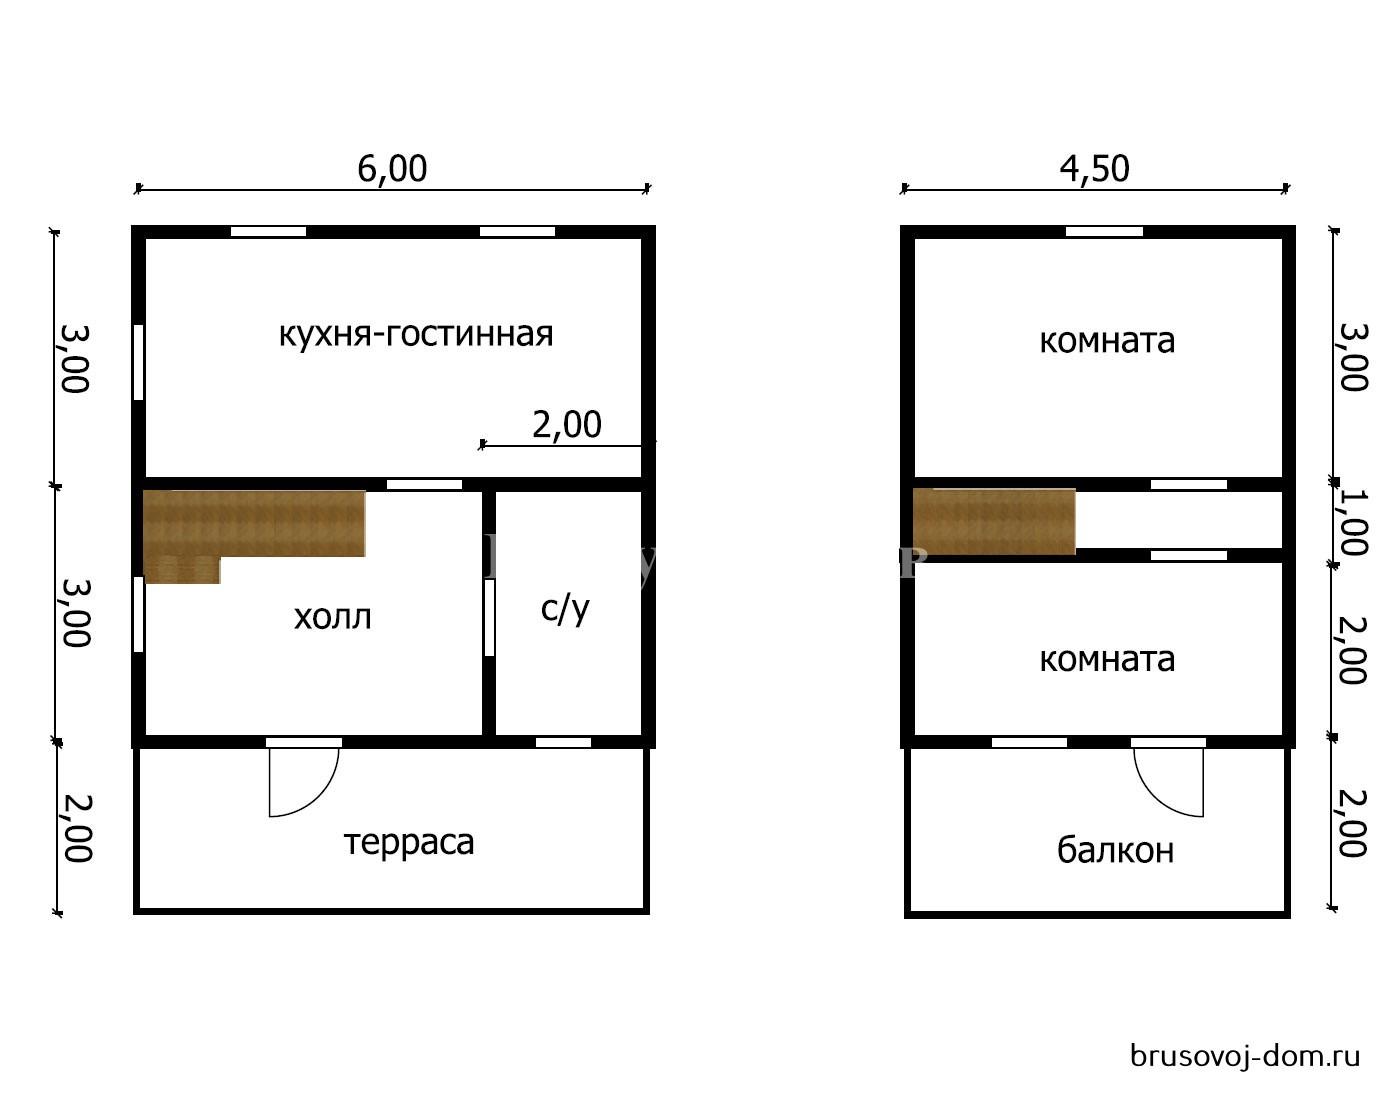 Дом из  бруса под усадку 6х8 м Зеленогорск